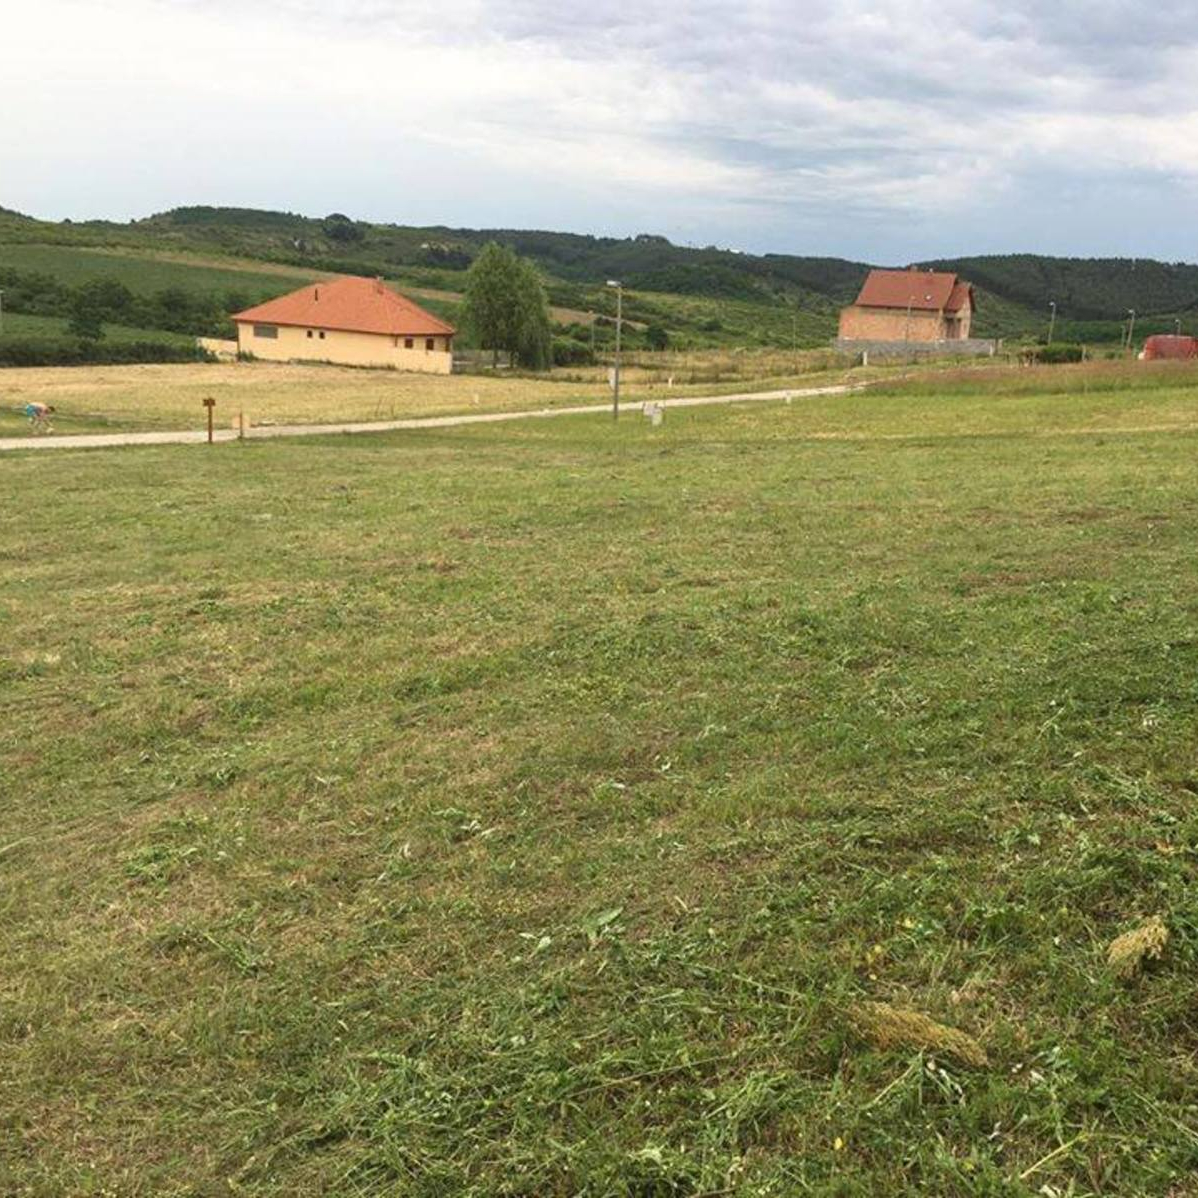 Eladó  mezőgazdasági ingatlan (Budapest, II. kerületBudapest, II. kerület, Ábránd u.) 18 M  Ft